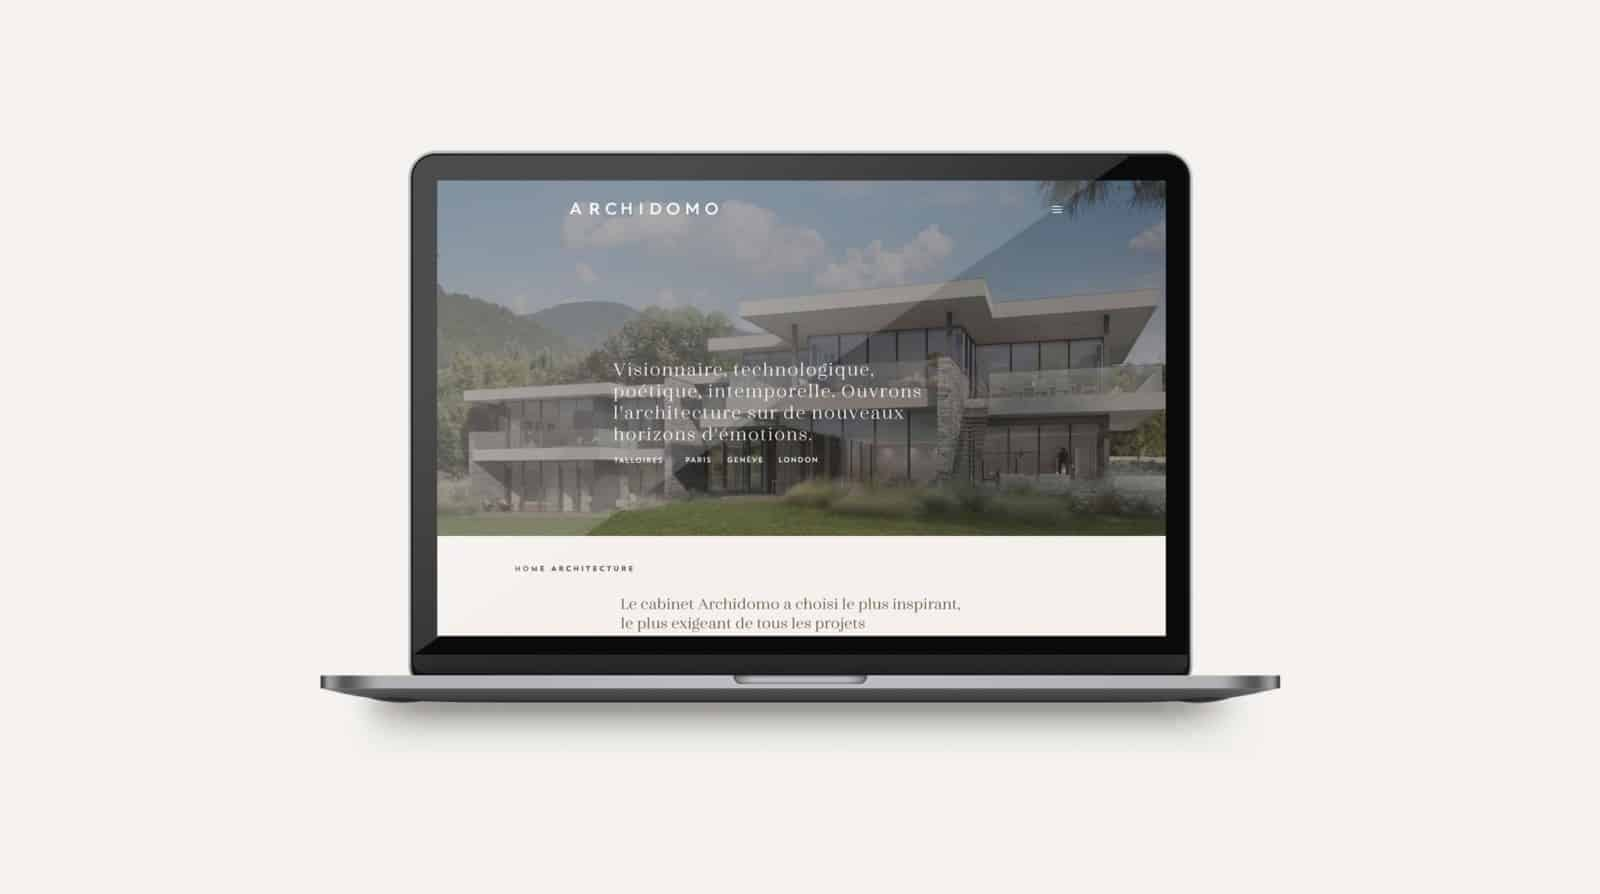 nouveau-site-archidomo-architetecte-maison-villa-chalet